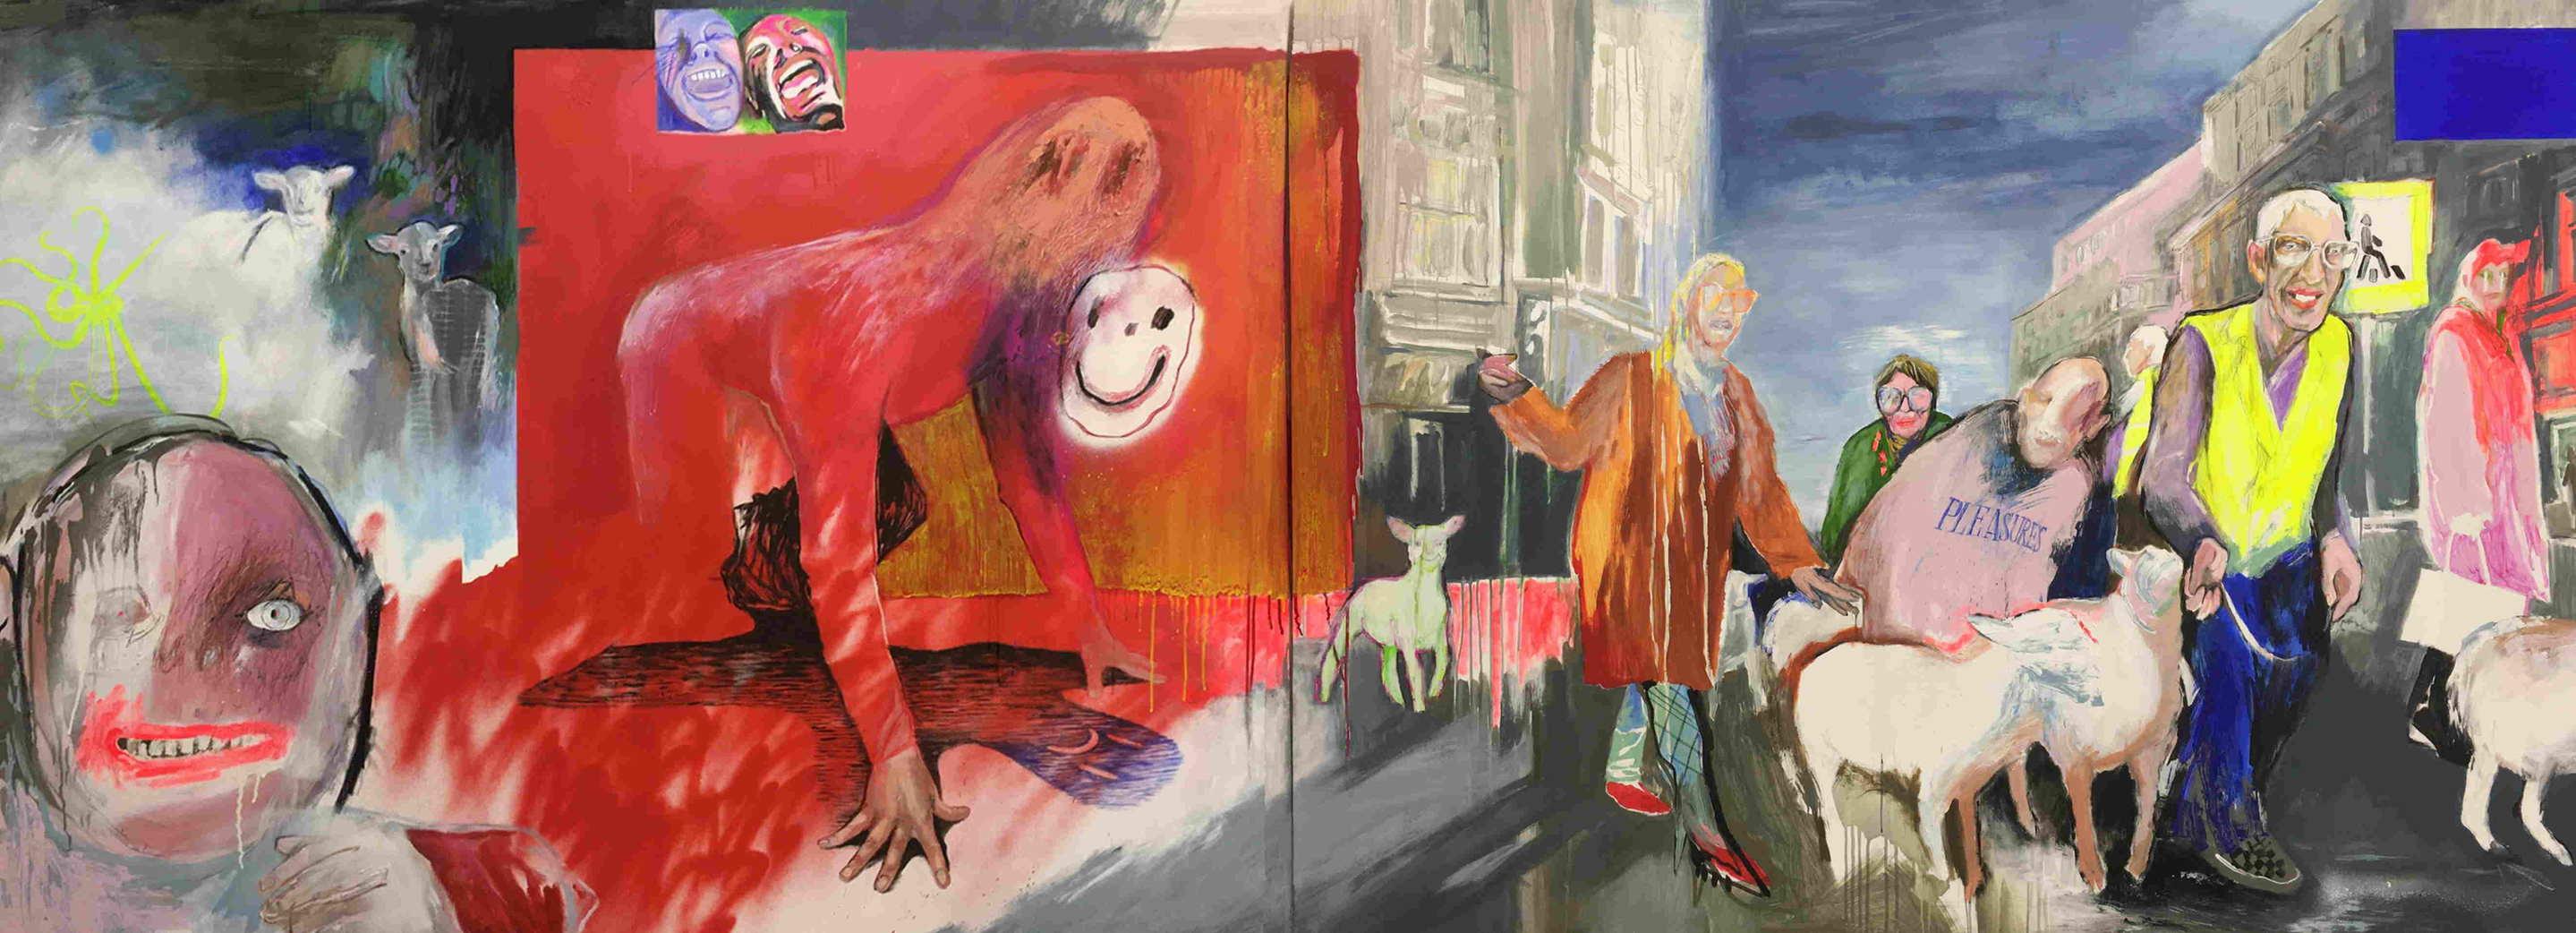 Женя Милюкос, «Агнец», 2020, Холст, акрил, масло, баллон, уголь, 150×400см